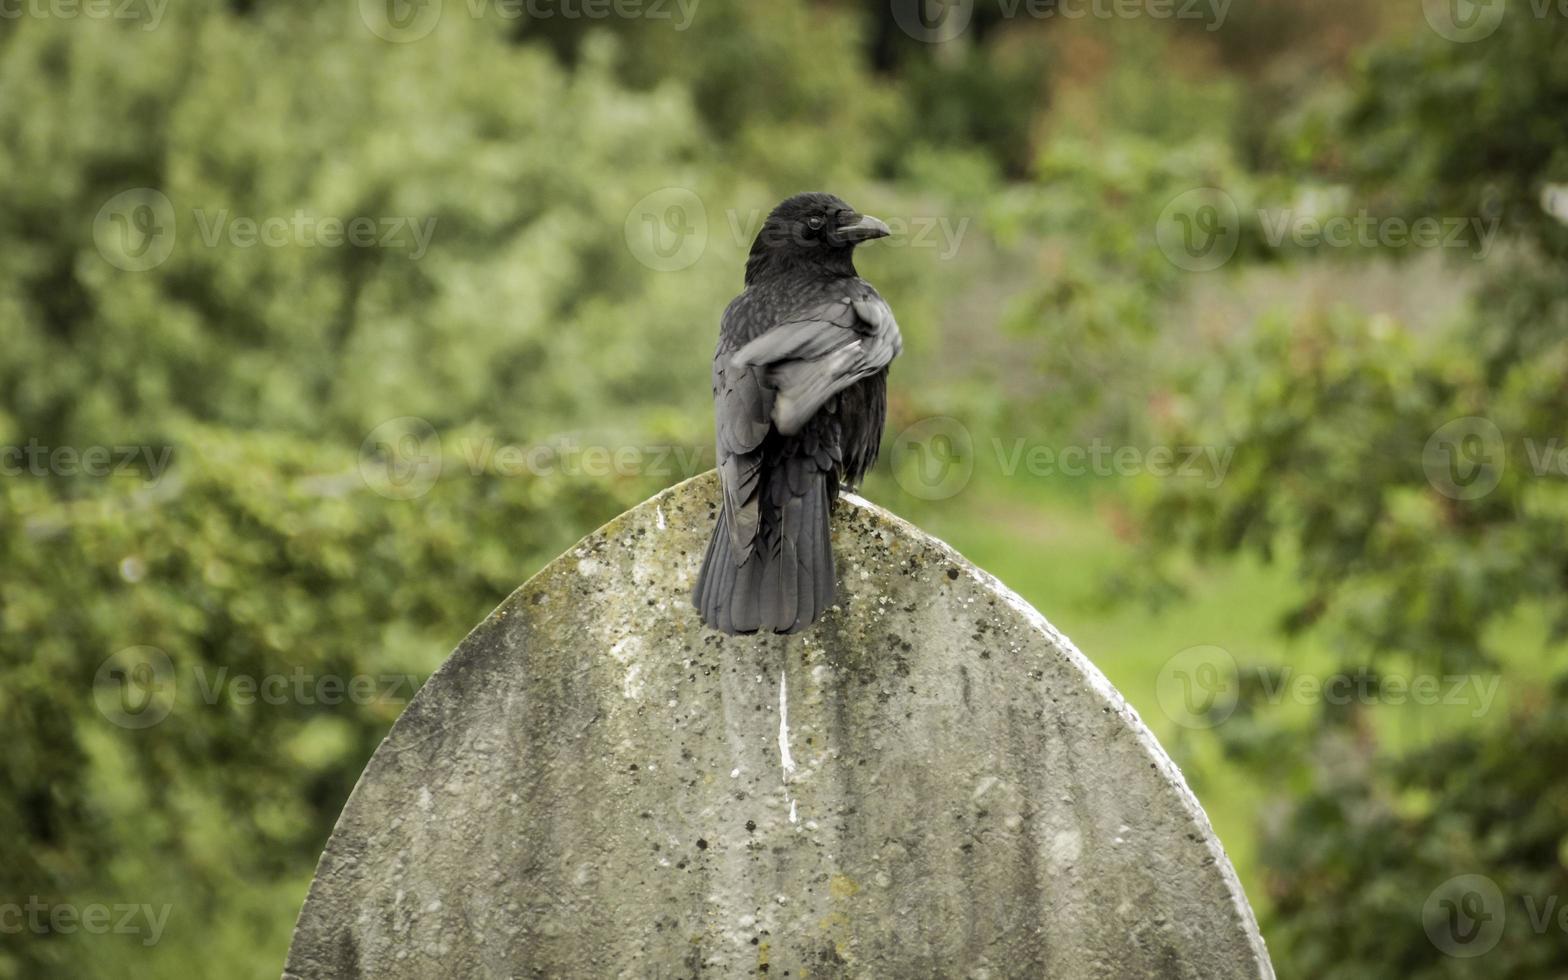 gran cuervo posado en una lápida, imagen en color foto